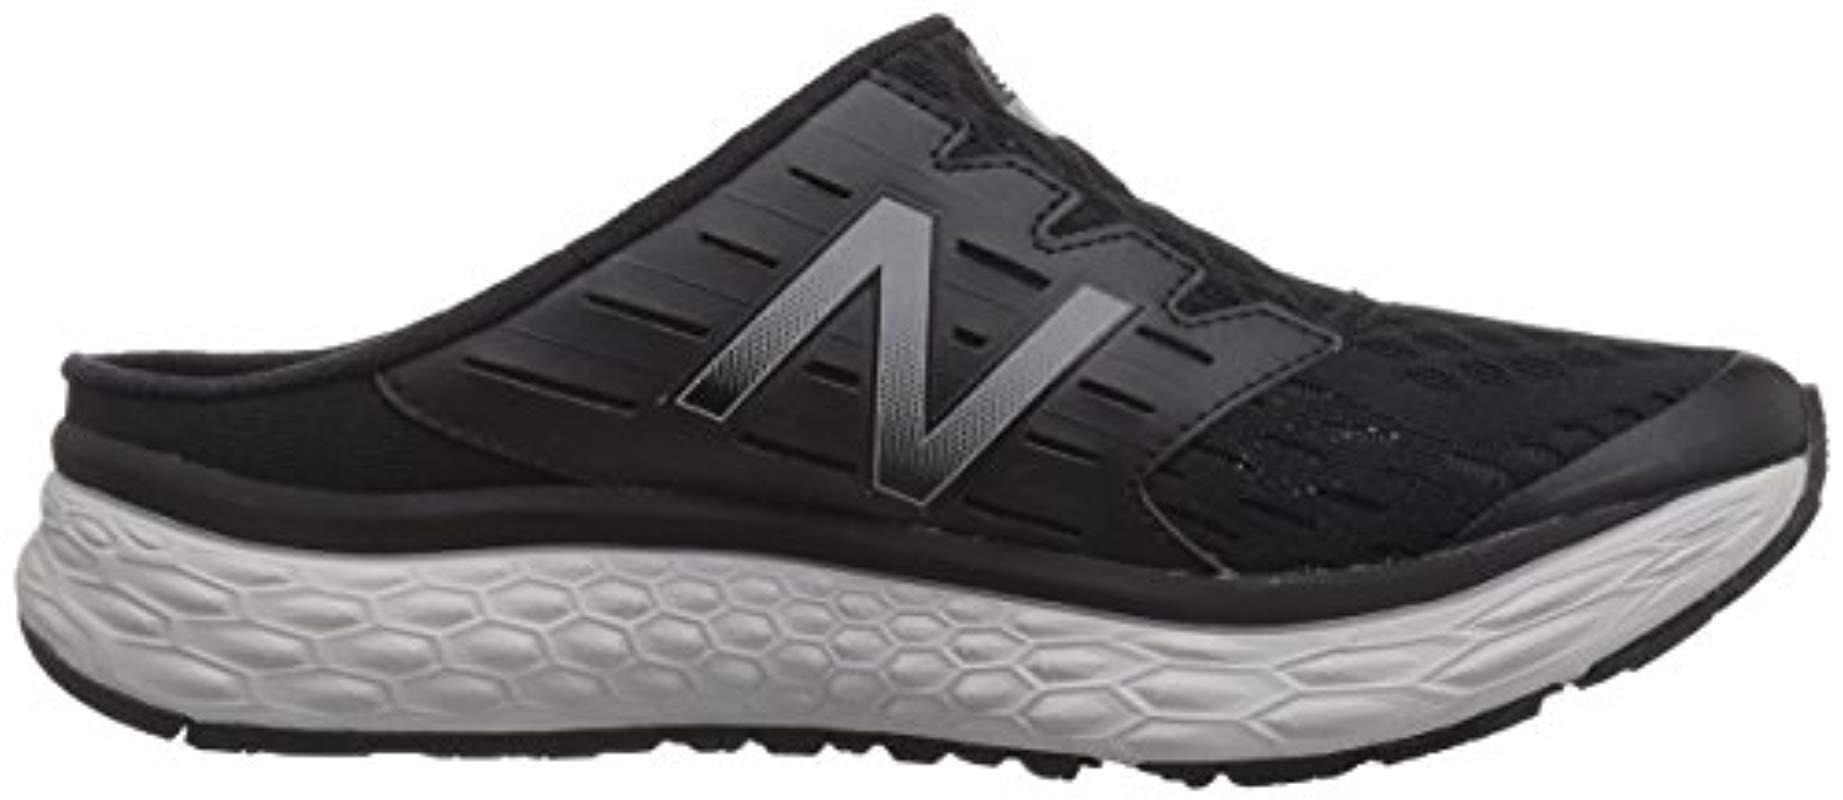 900v1 Fresh Foam Walking Shoe, Black